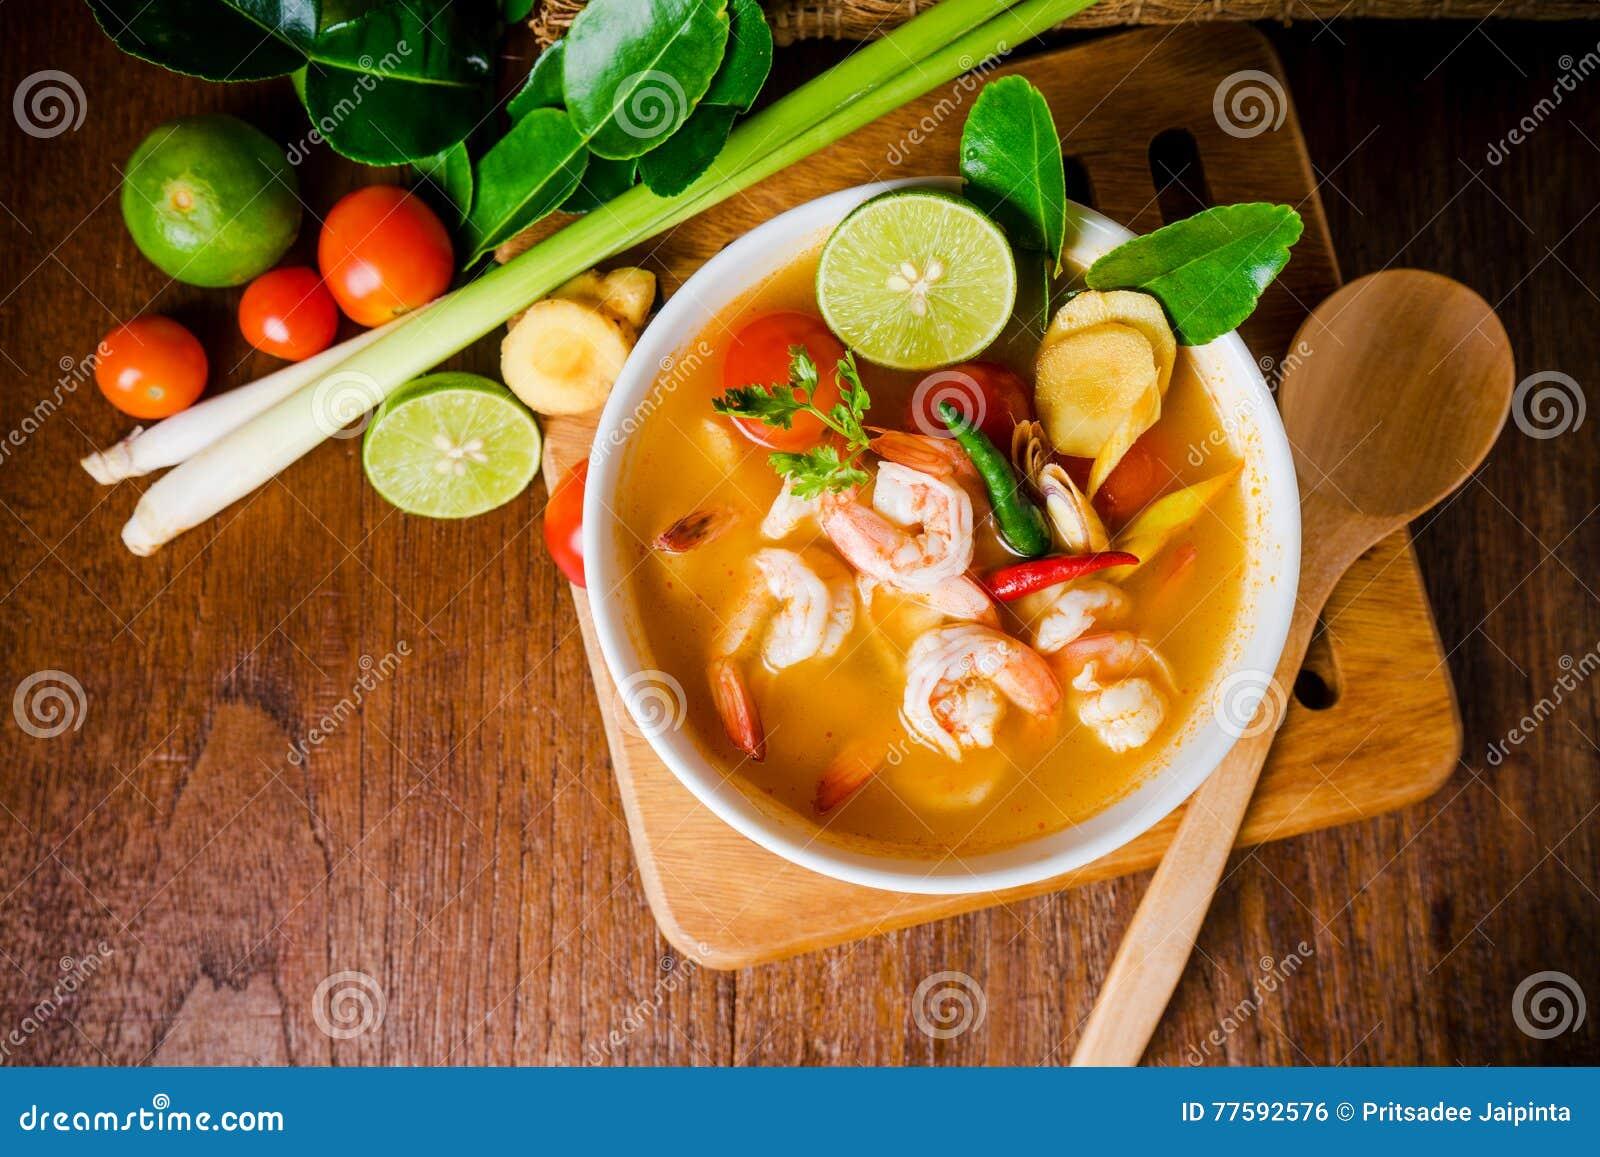 Tom yam kong or Tom yum soup. Thai food.